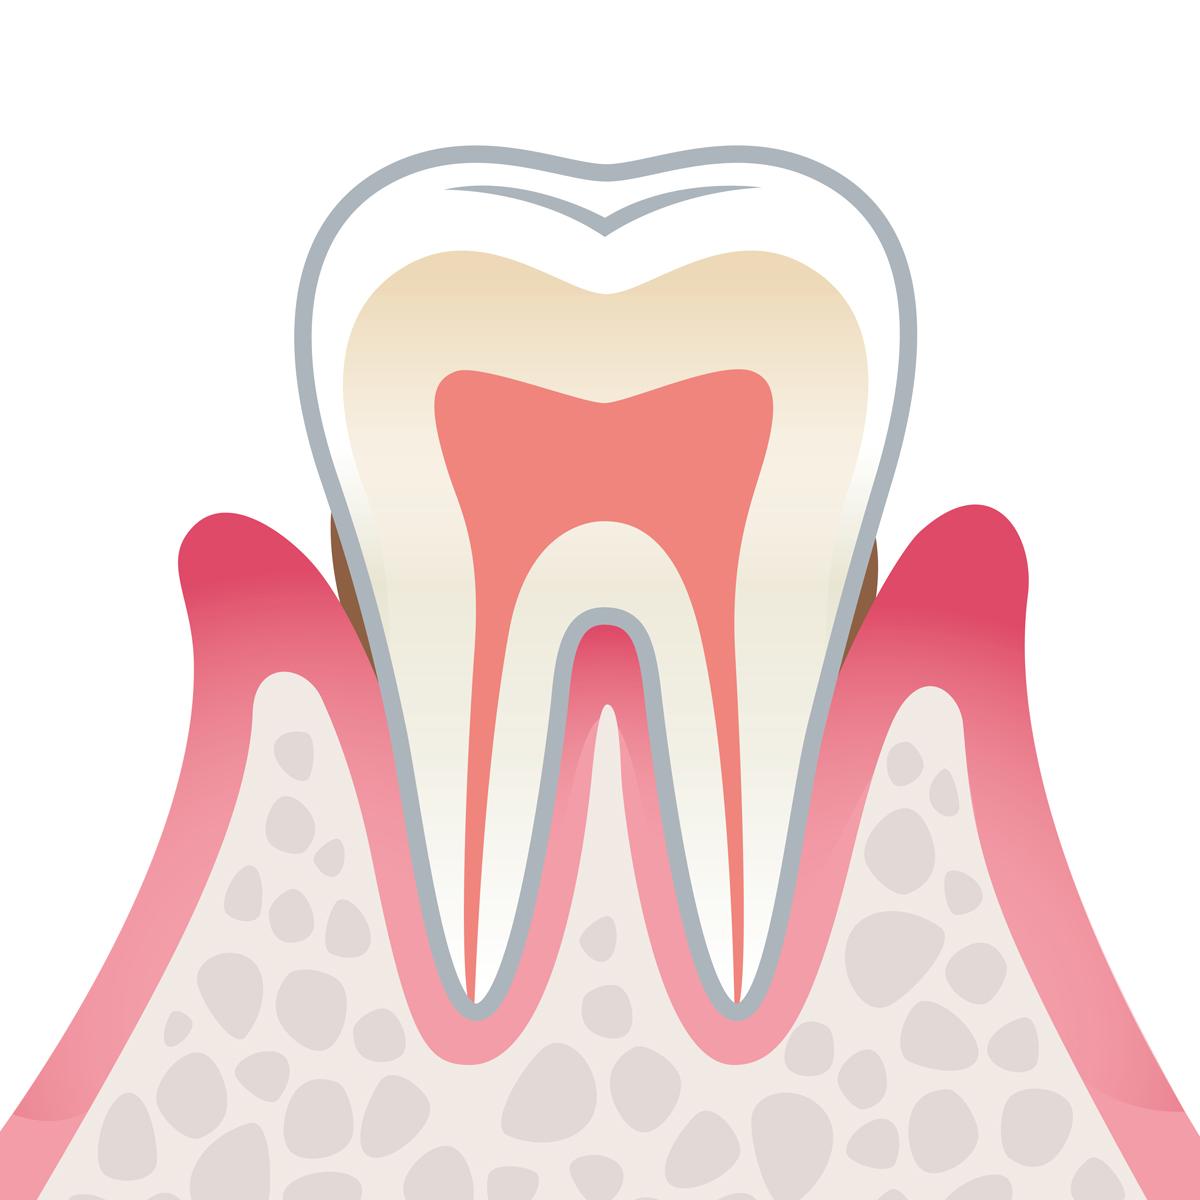 岡山県岡山市北区の歯医者 たんじフレンド歯科 歯周病 軽度歯周病